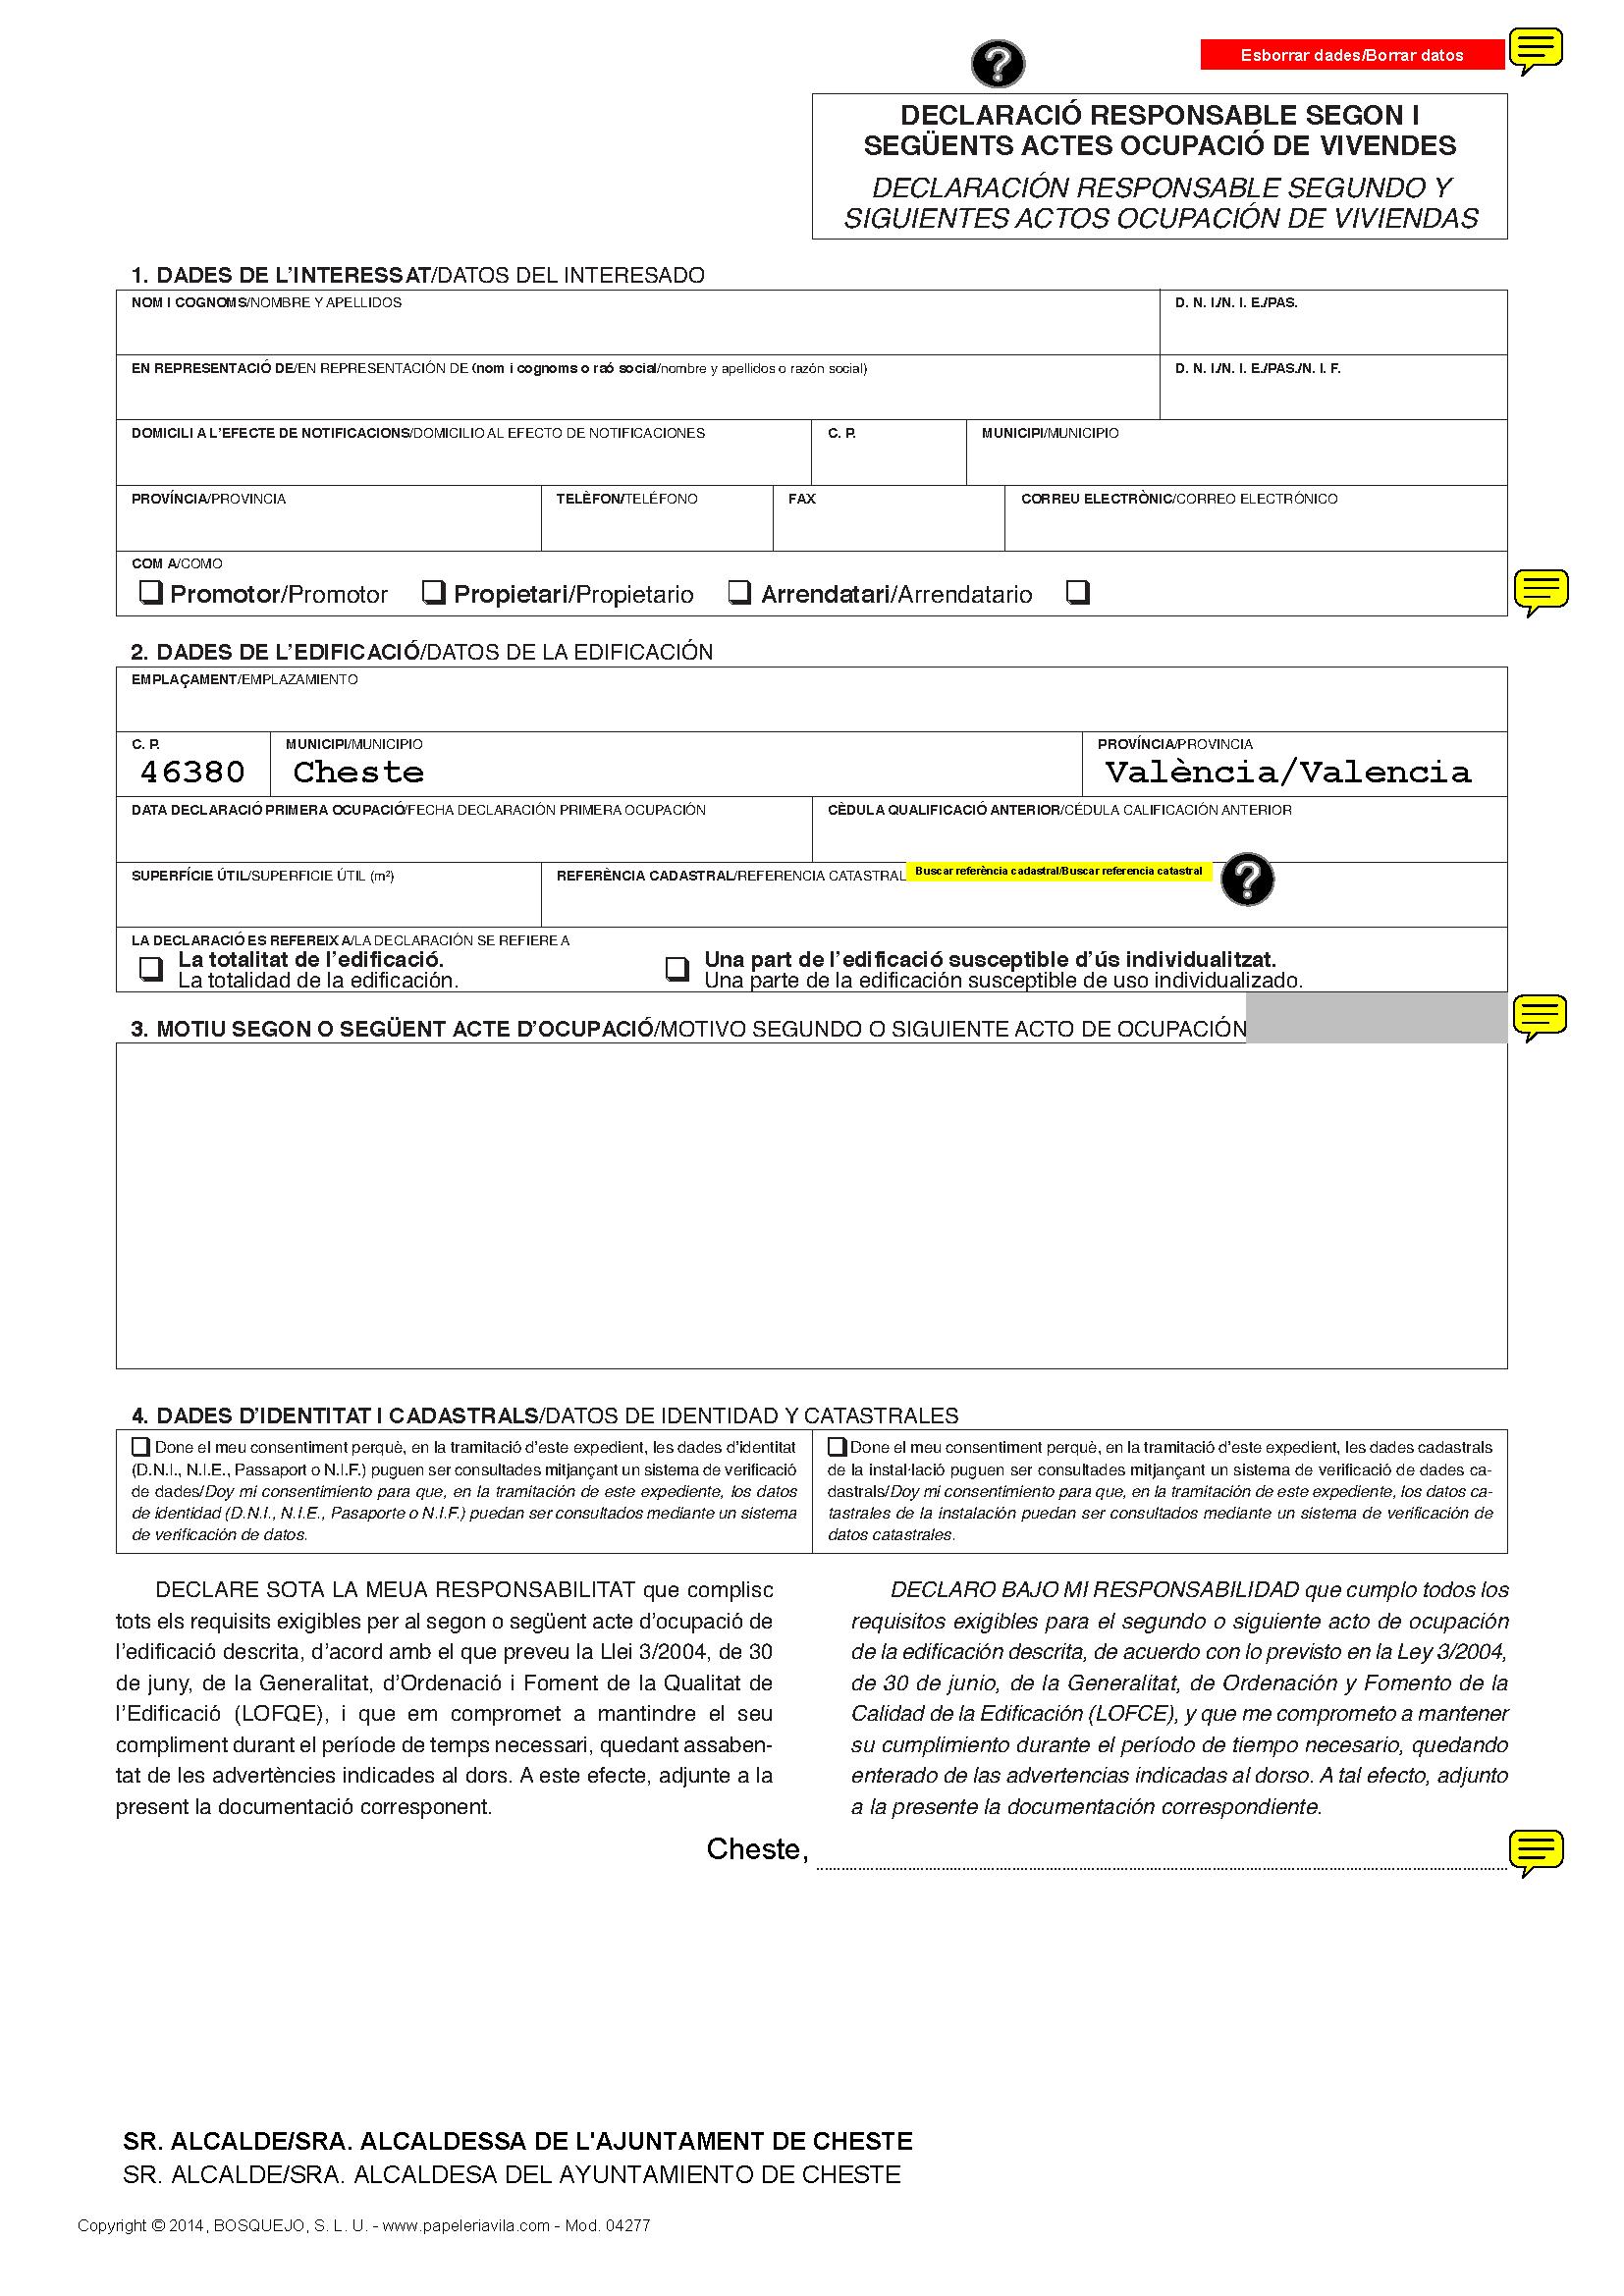 Impreso Declaración Responsable Segunda Ocupación Cheste_Página_1